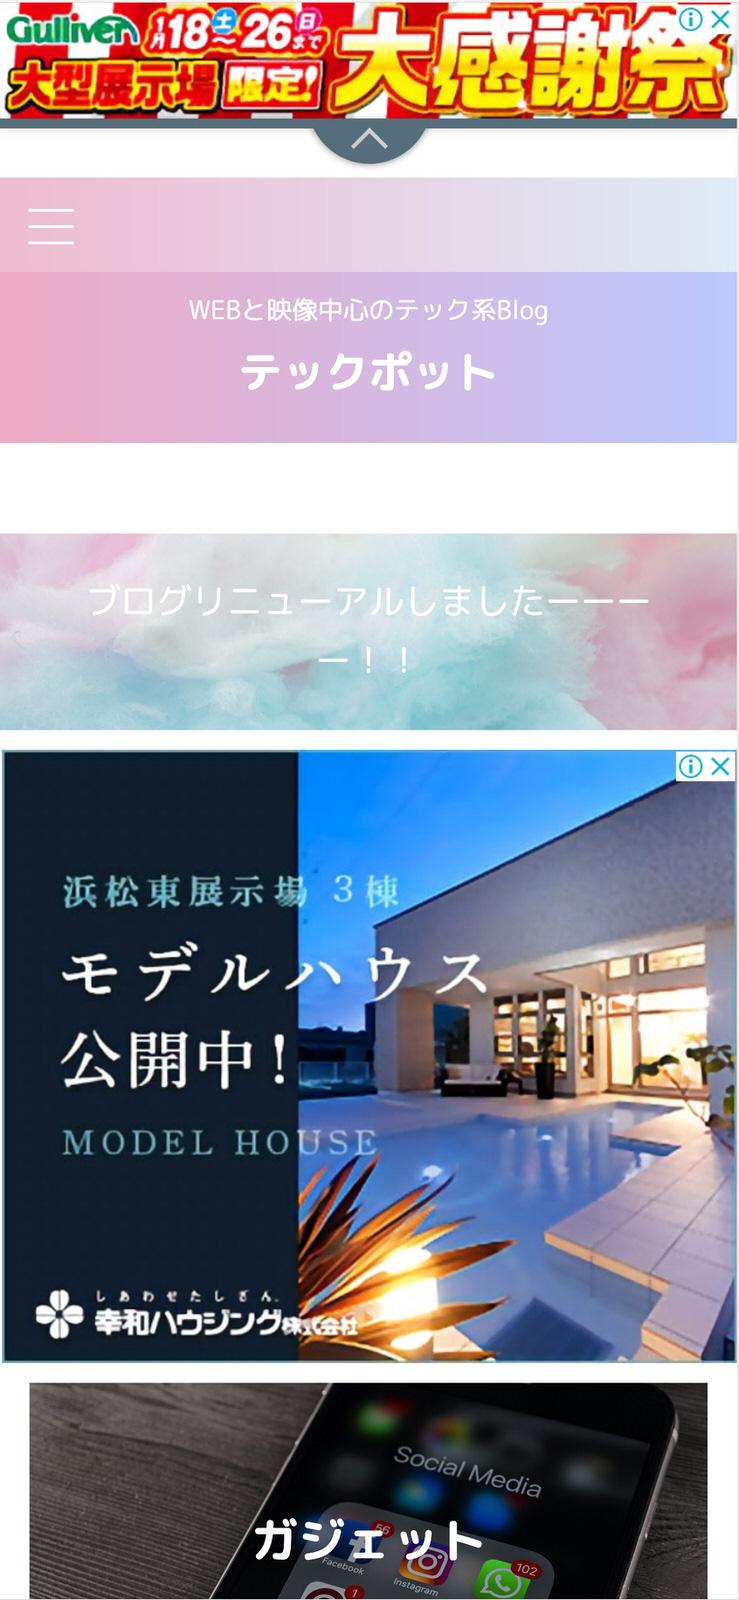 アドセンス広告が表示されたテックポットBlogのスクリーンショット